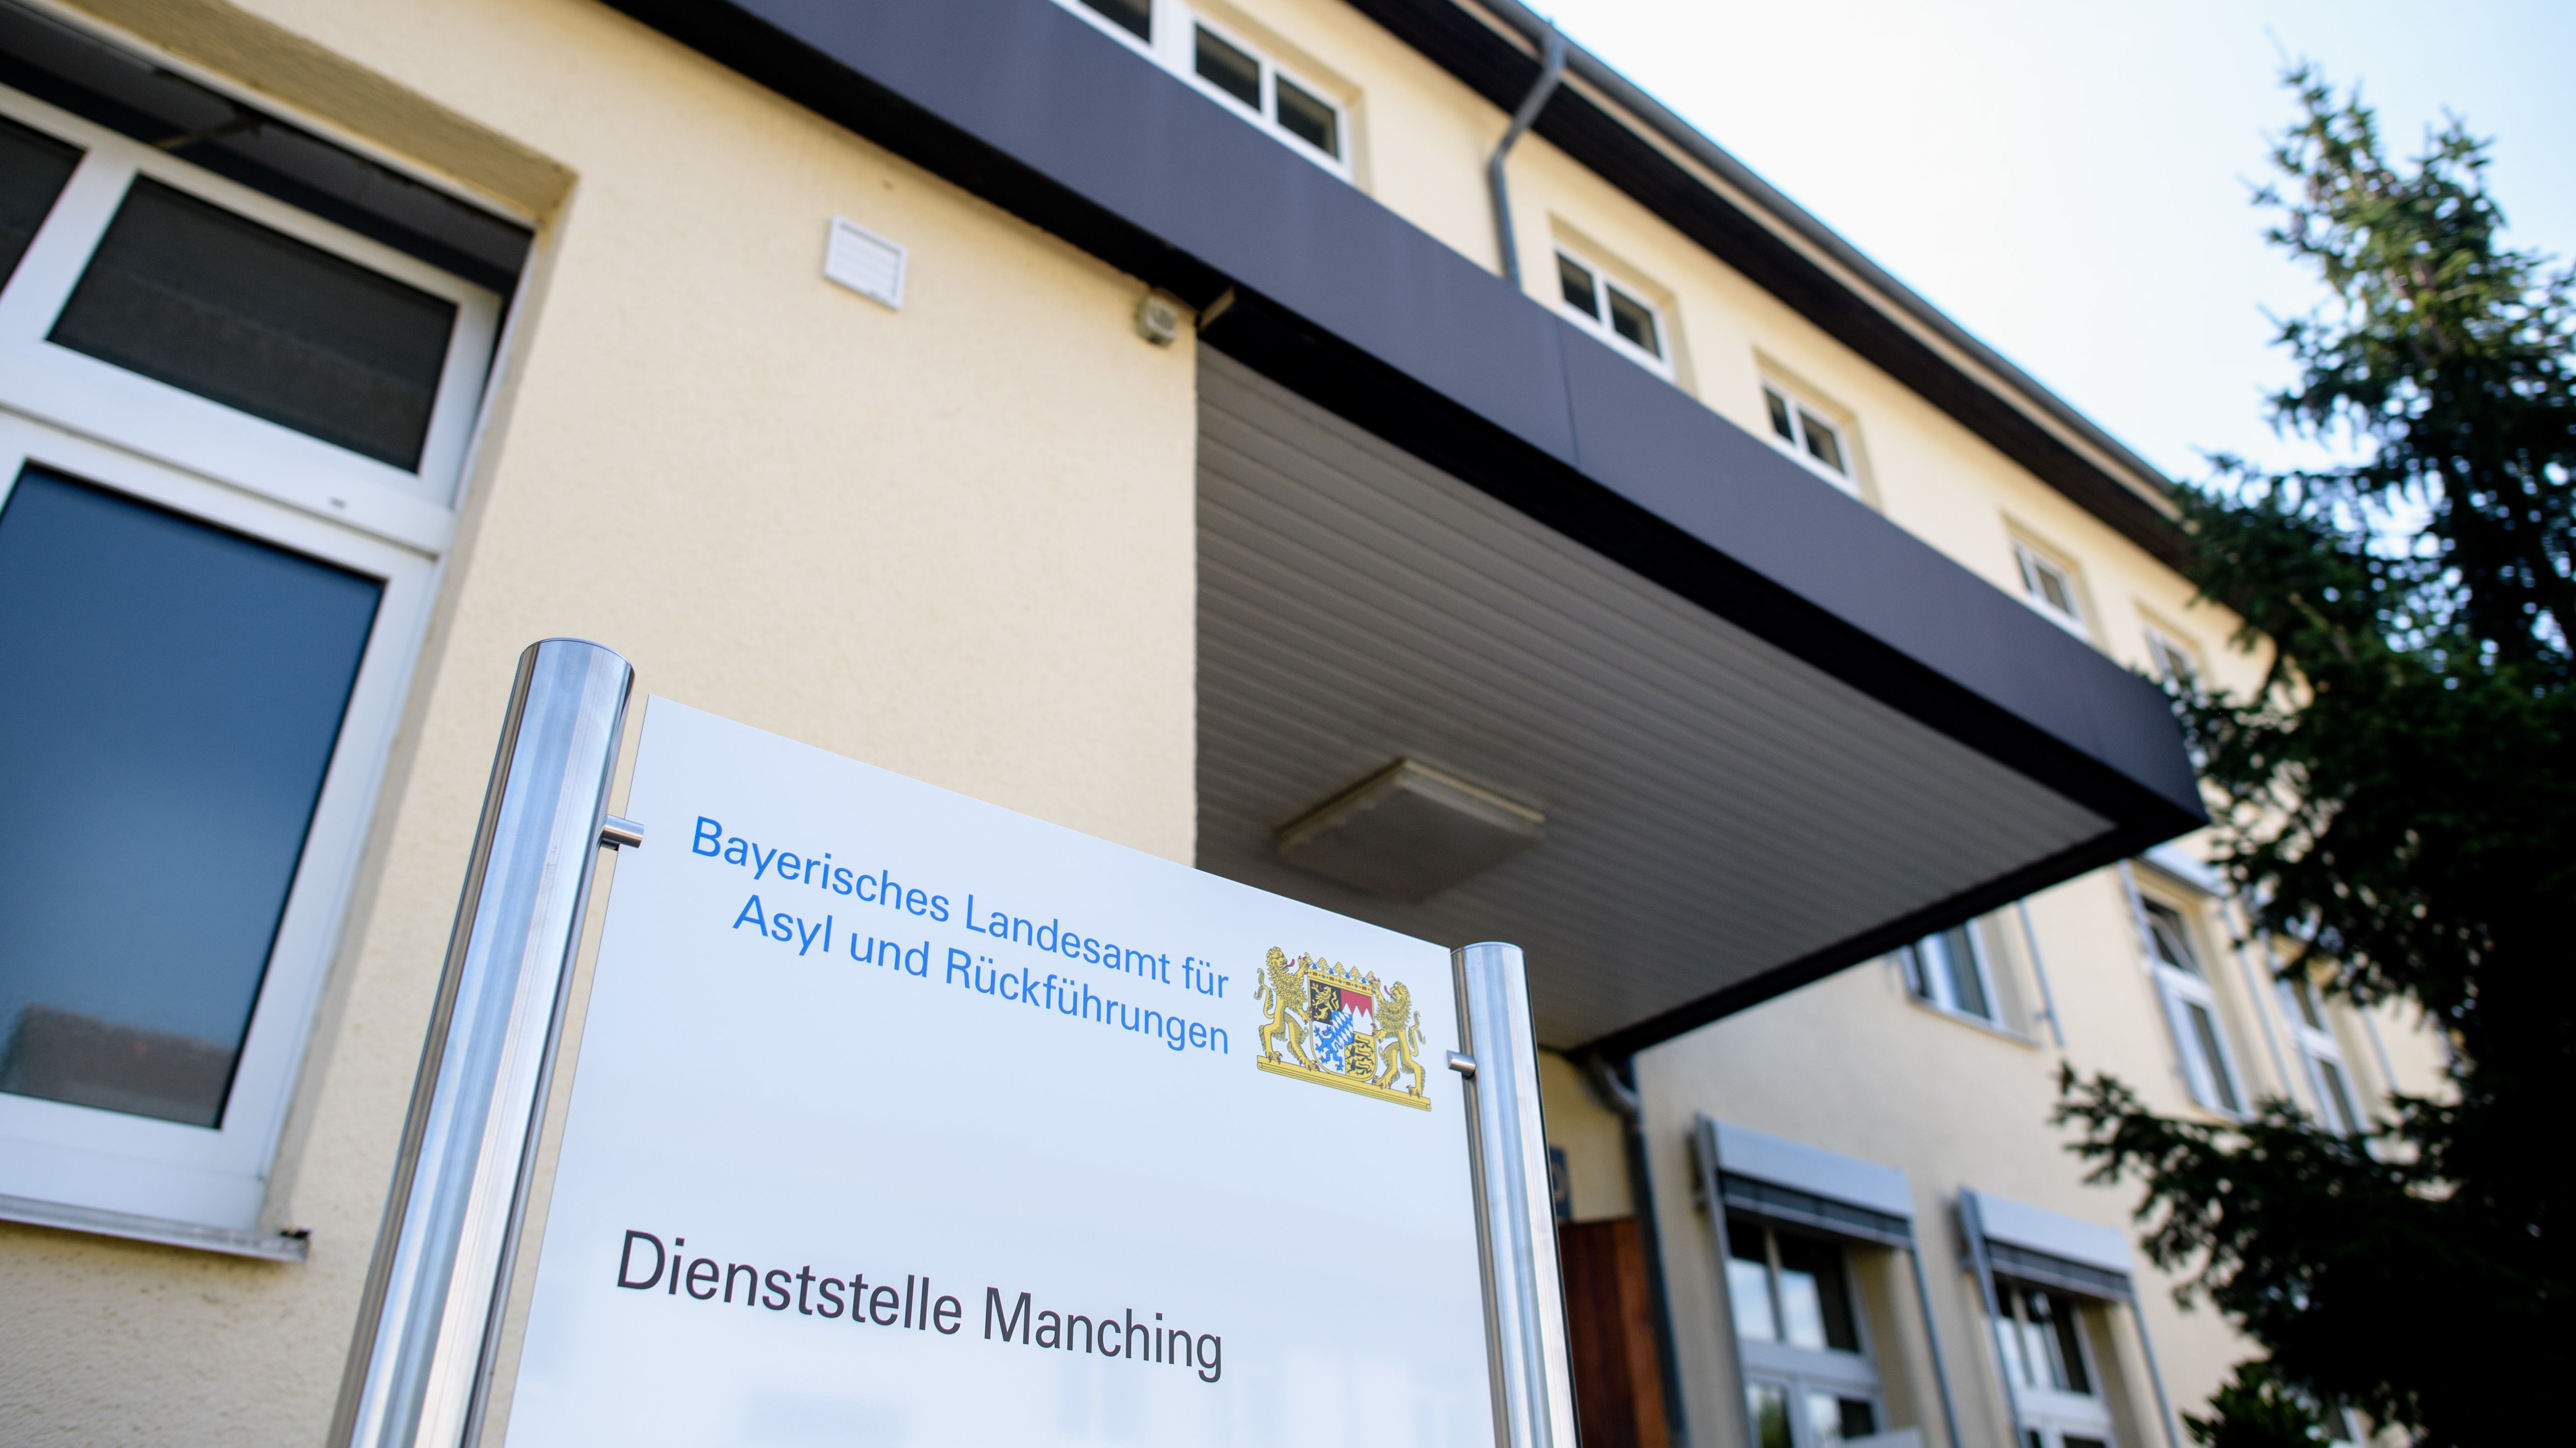 """Schild mit der Aufschrift """"Bayerisches Landesamt für Asyl und Rückführungen - Dienststelle Manching"""""""